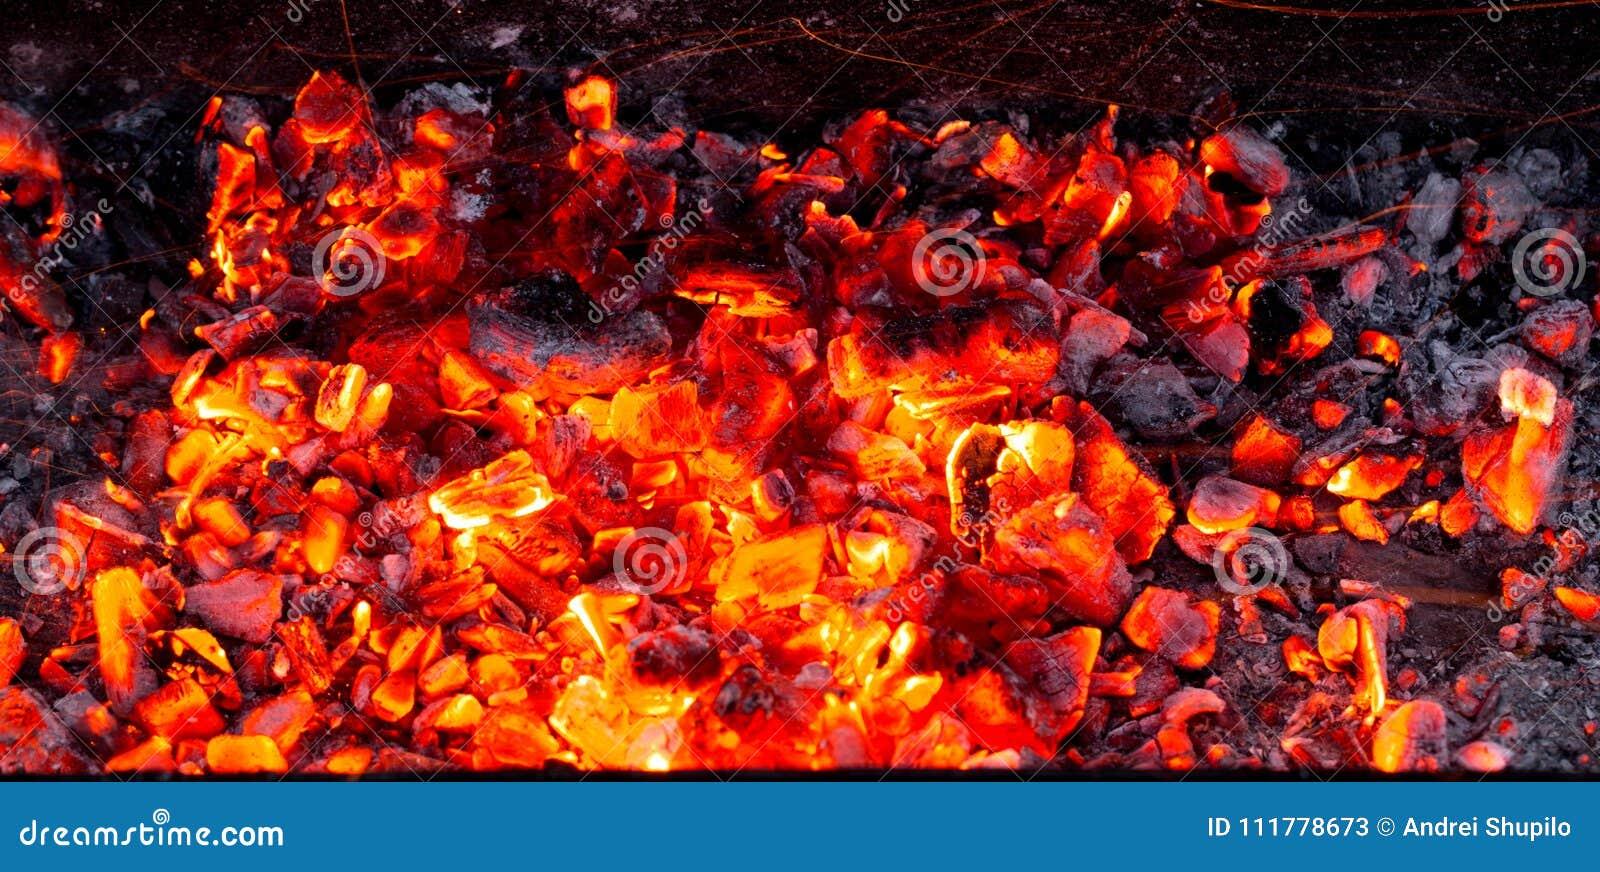 Brandende houtskool als achtergrond